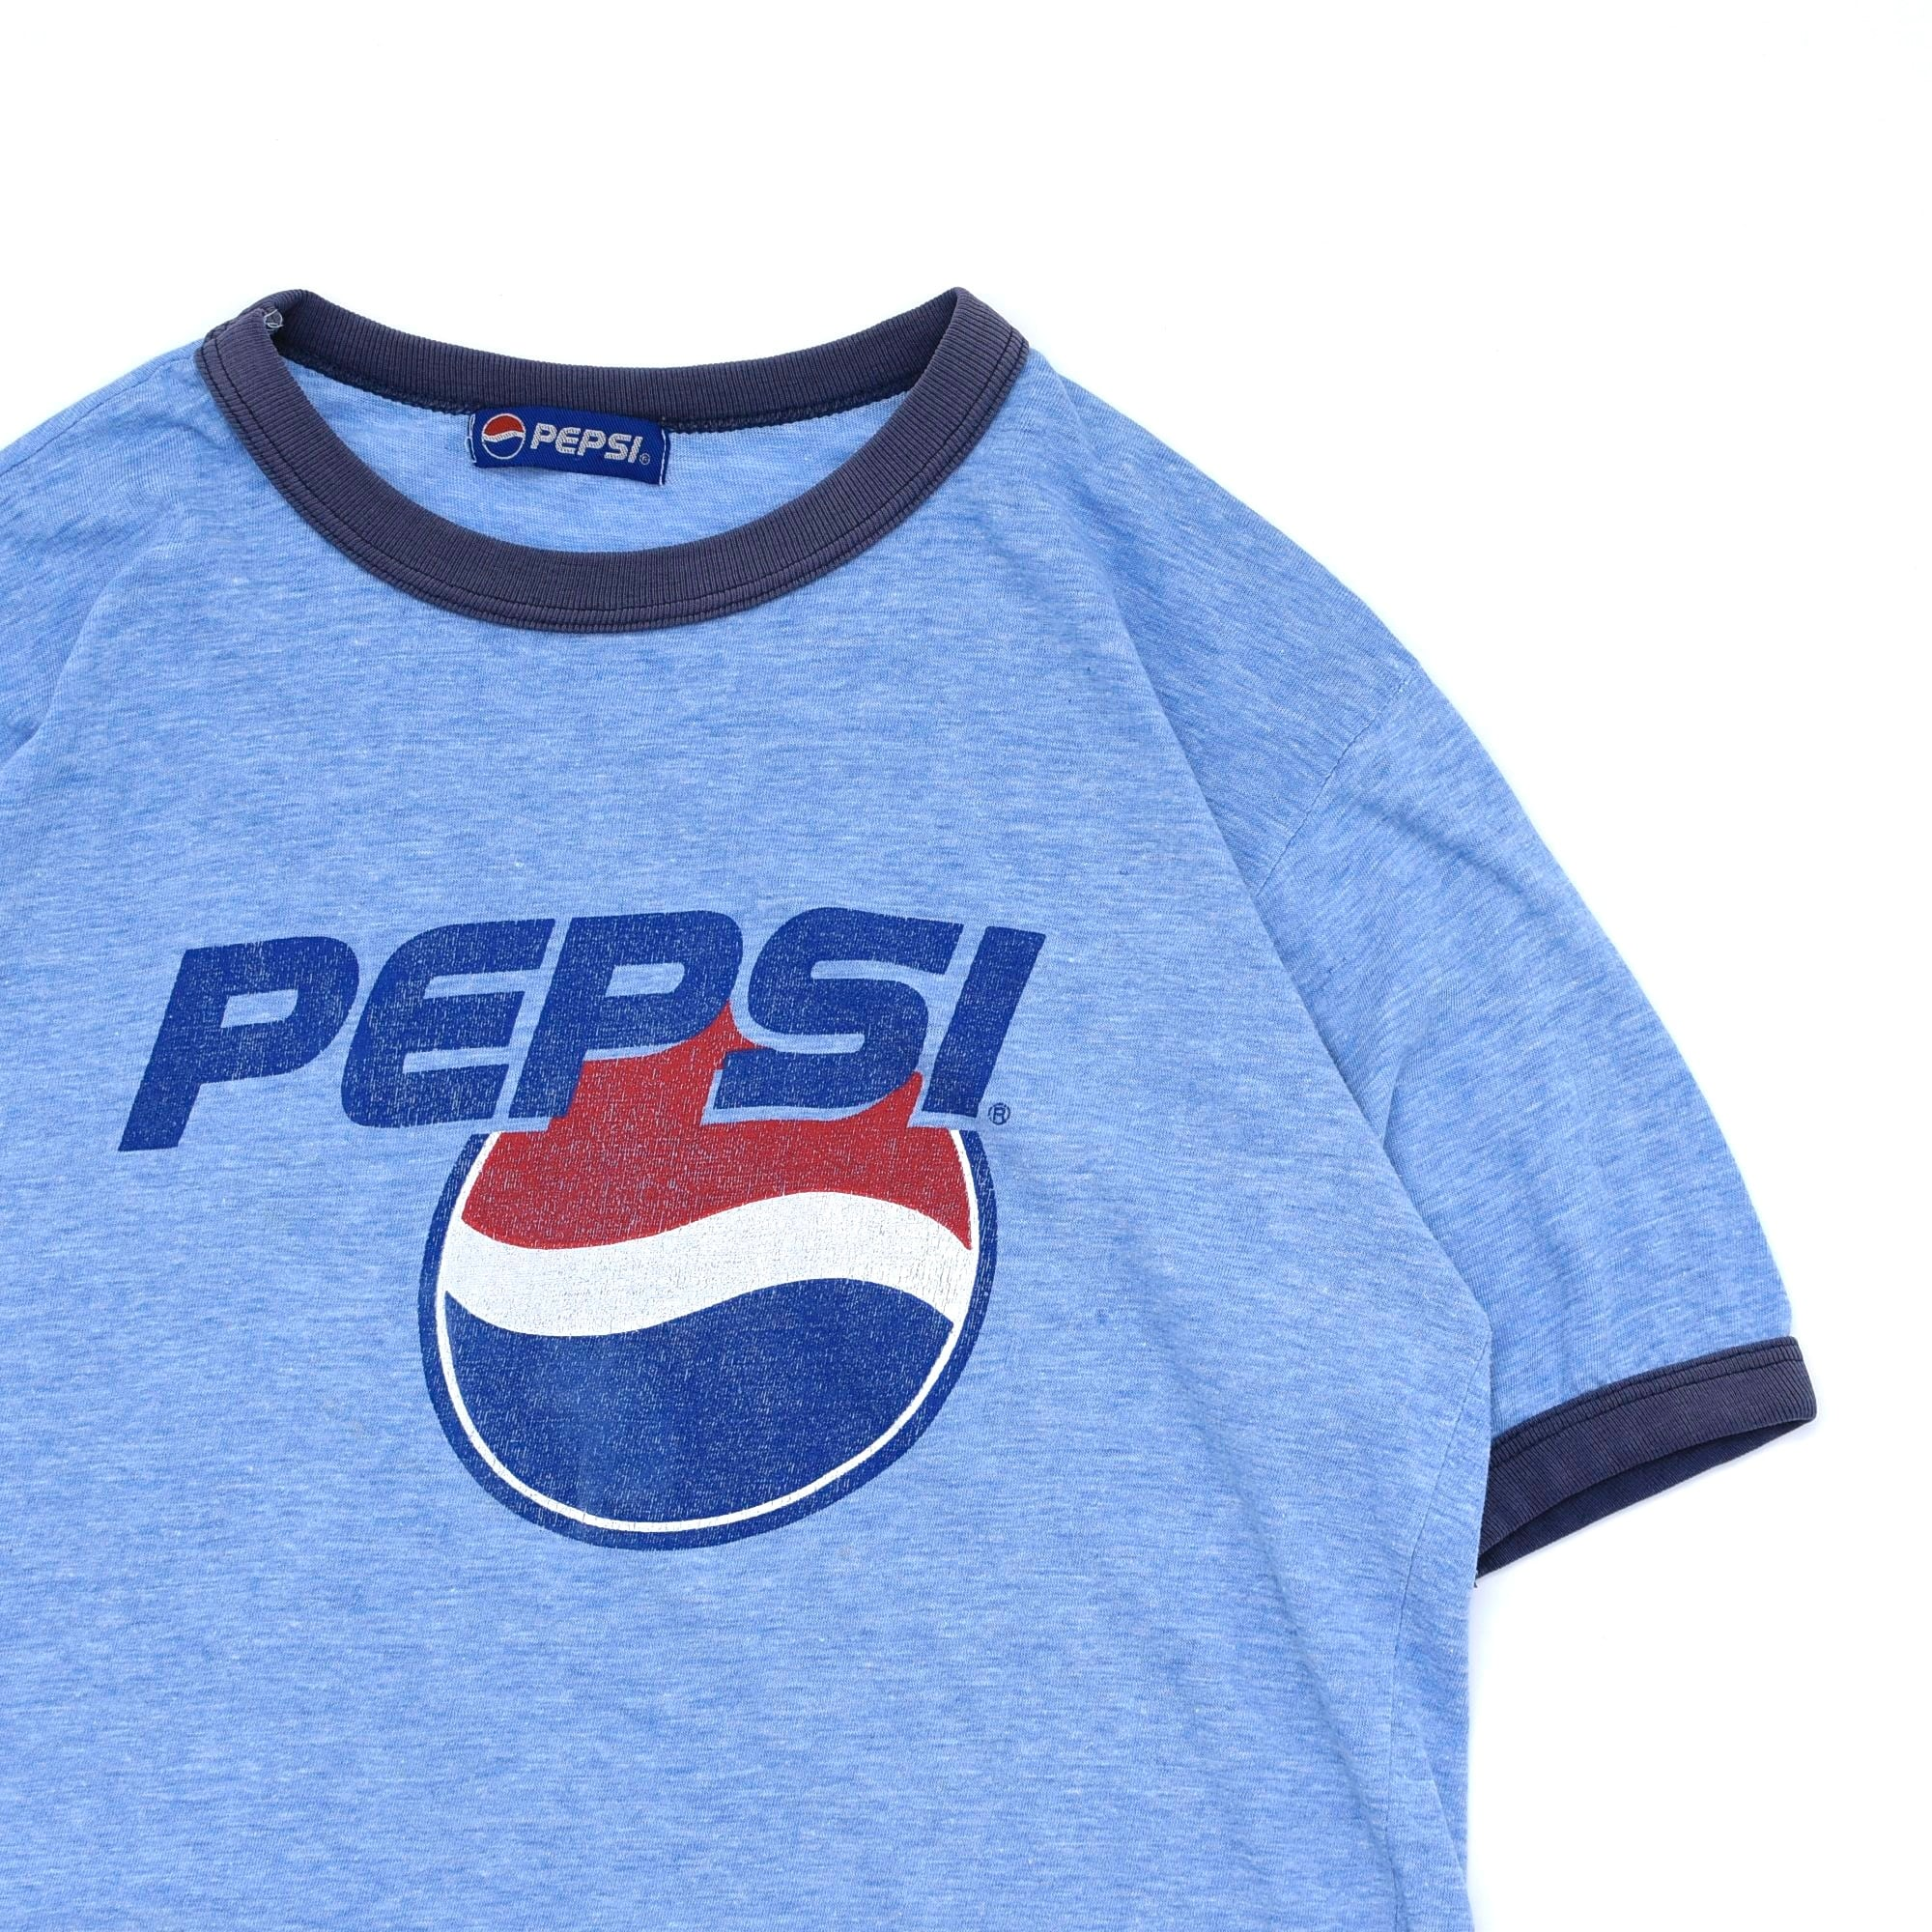 90's PEPSI logo print ringer T shirt